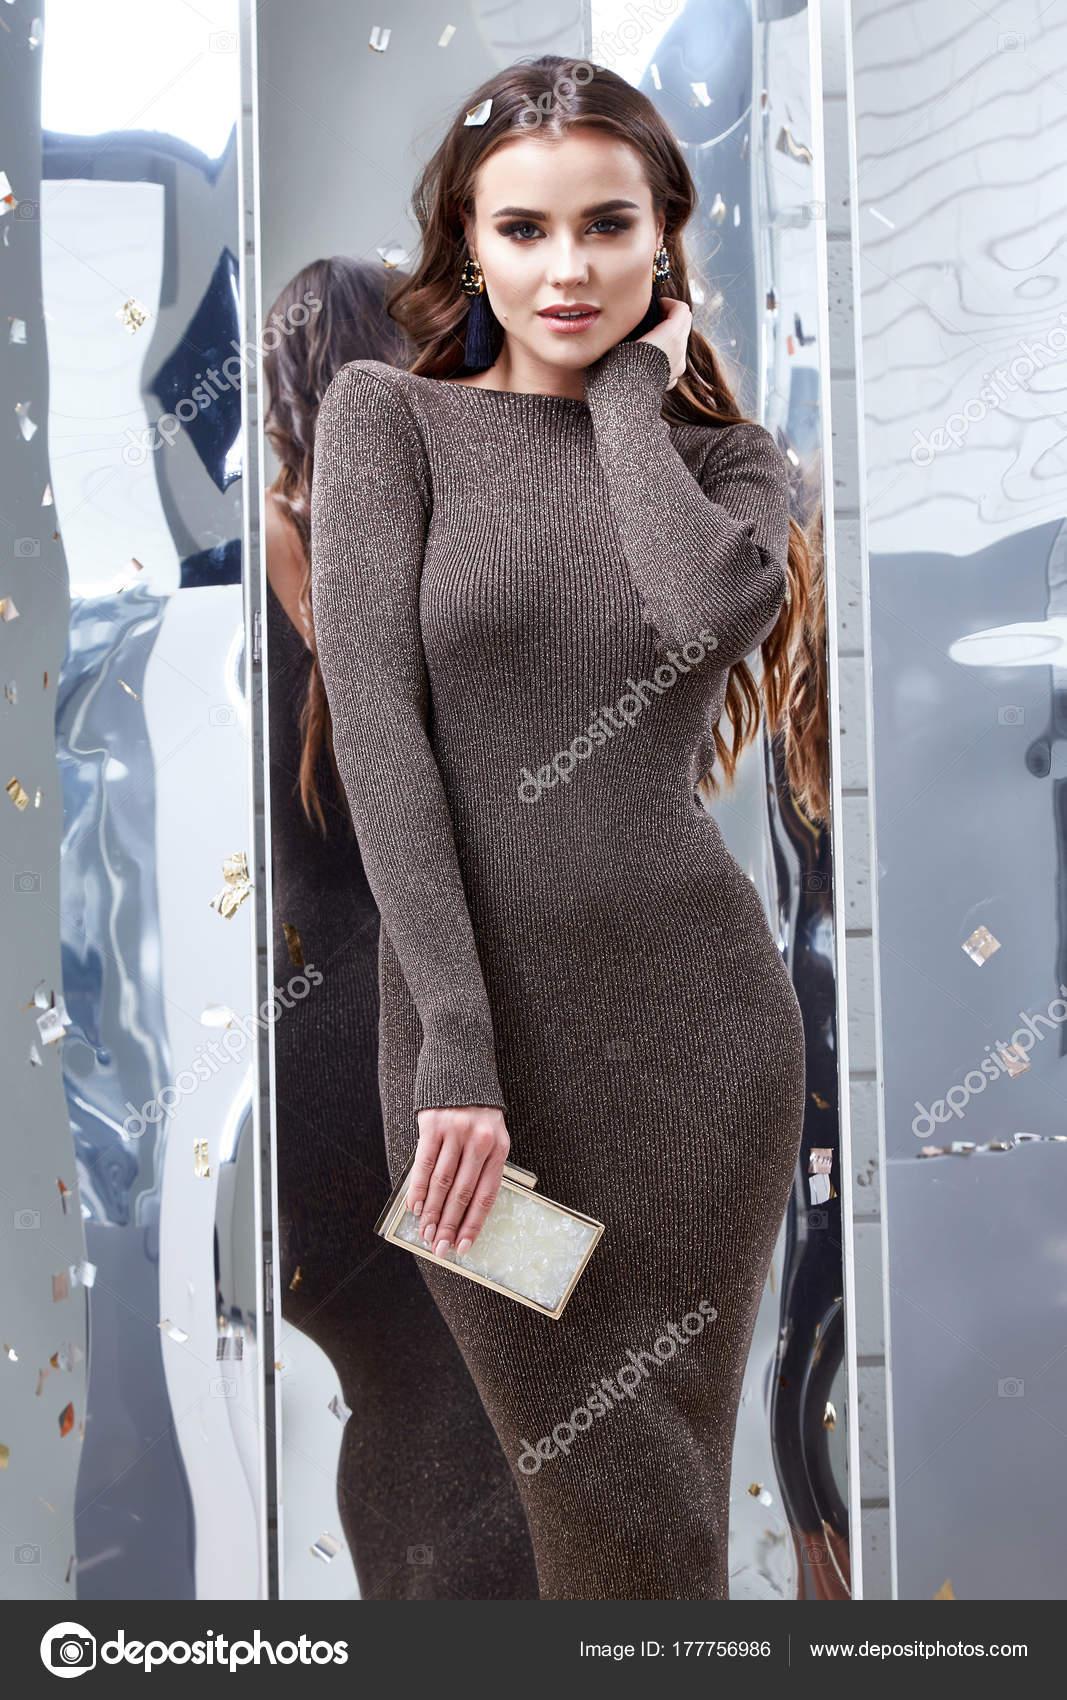 282e3e0d94 Maquillaje de noche brillante de pelo rizado morena sexy mujer hermosa cara  desgaste ropa elegante vestido sexy gris skinny estilo fiesta vacaciones de  lujo ...